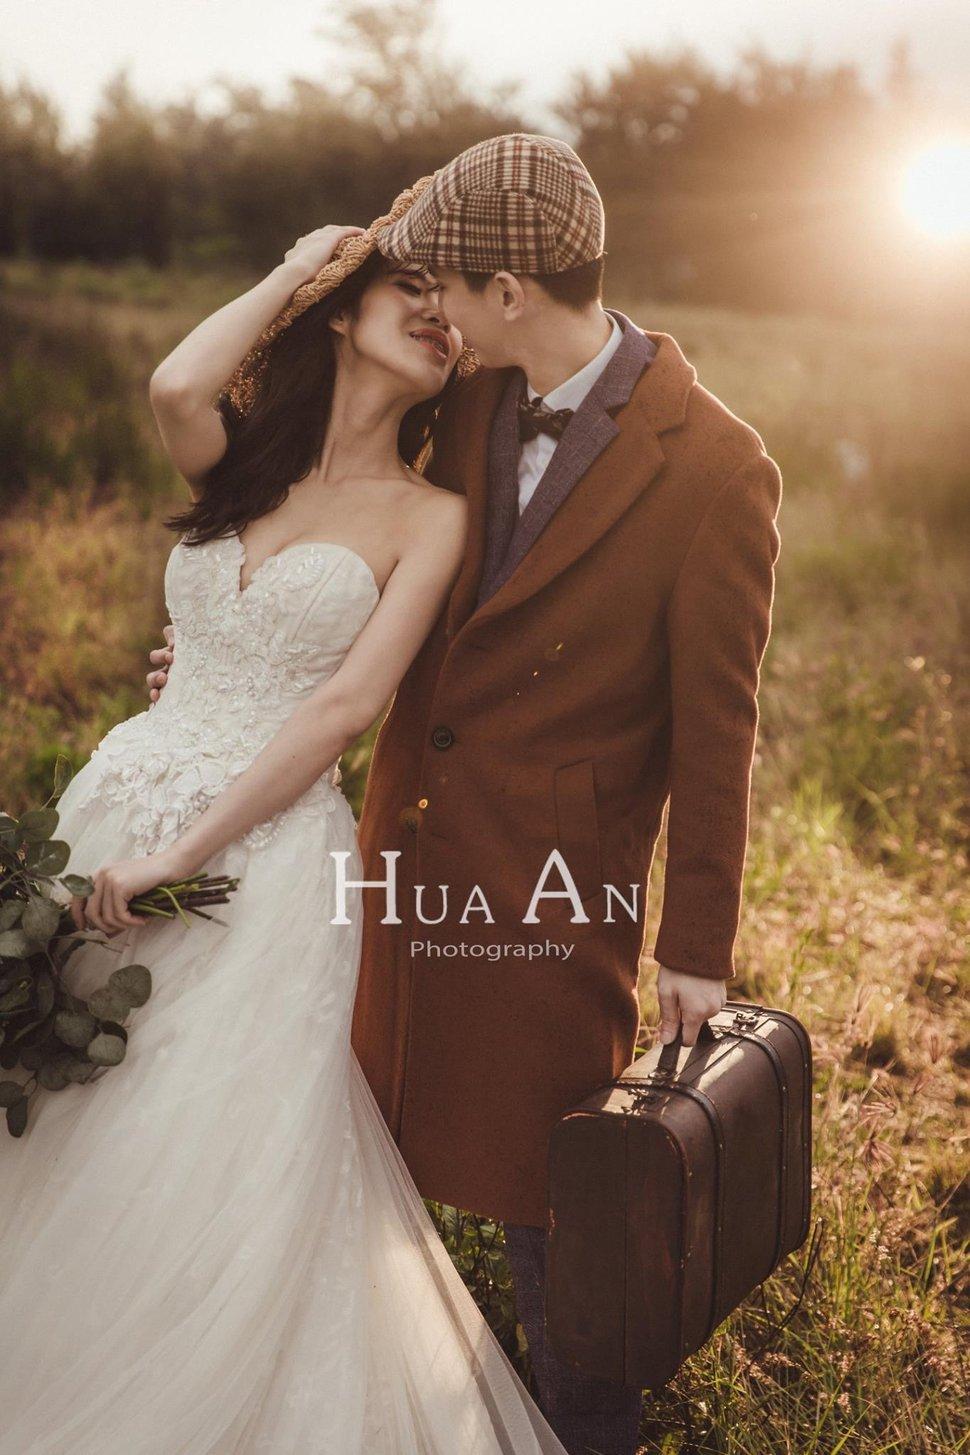 婚紗攝影 - Huaan Photography - 結婚吧